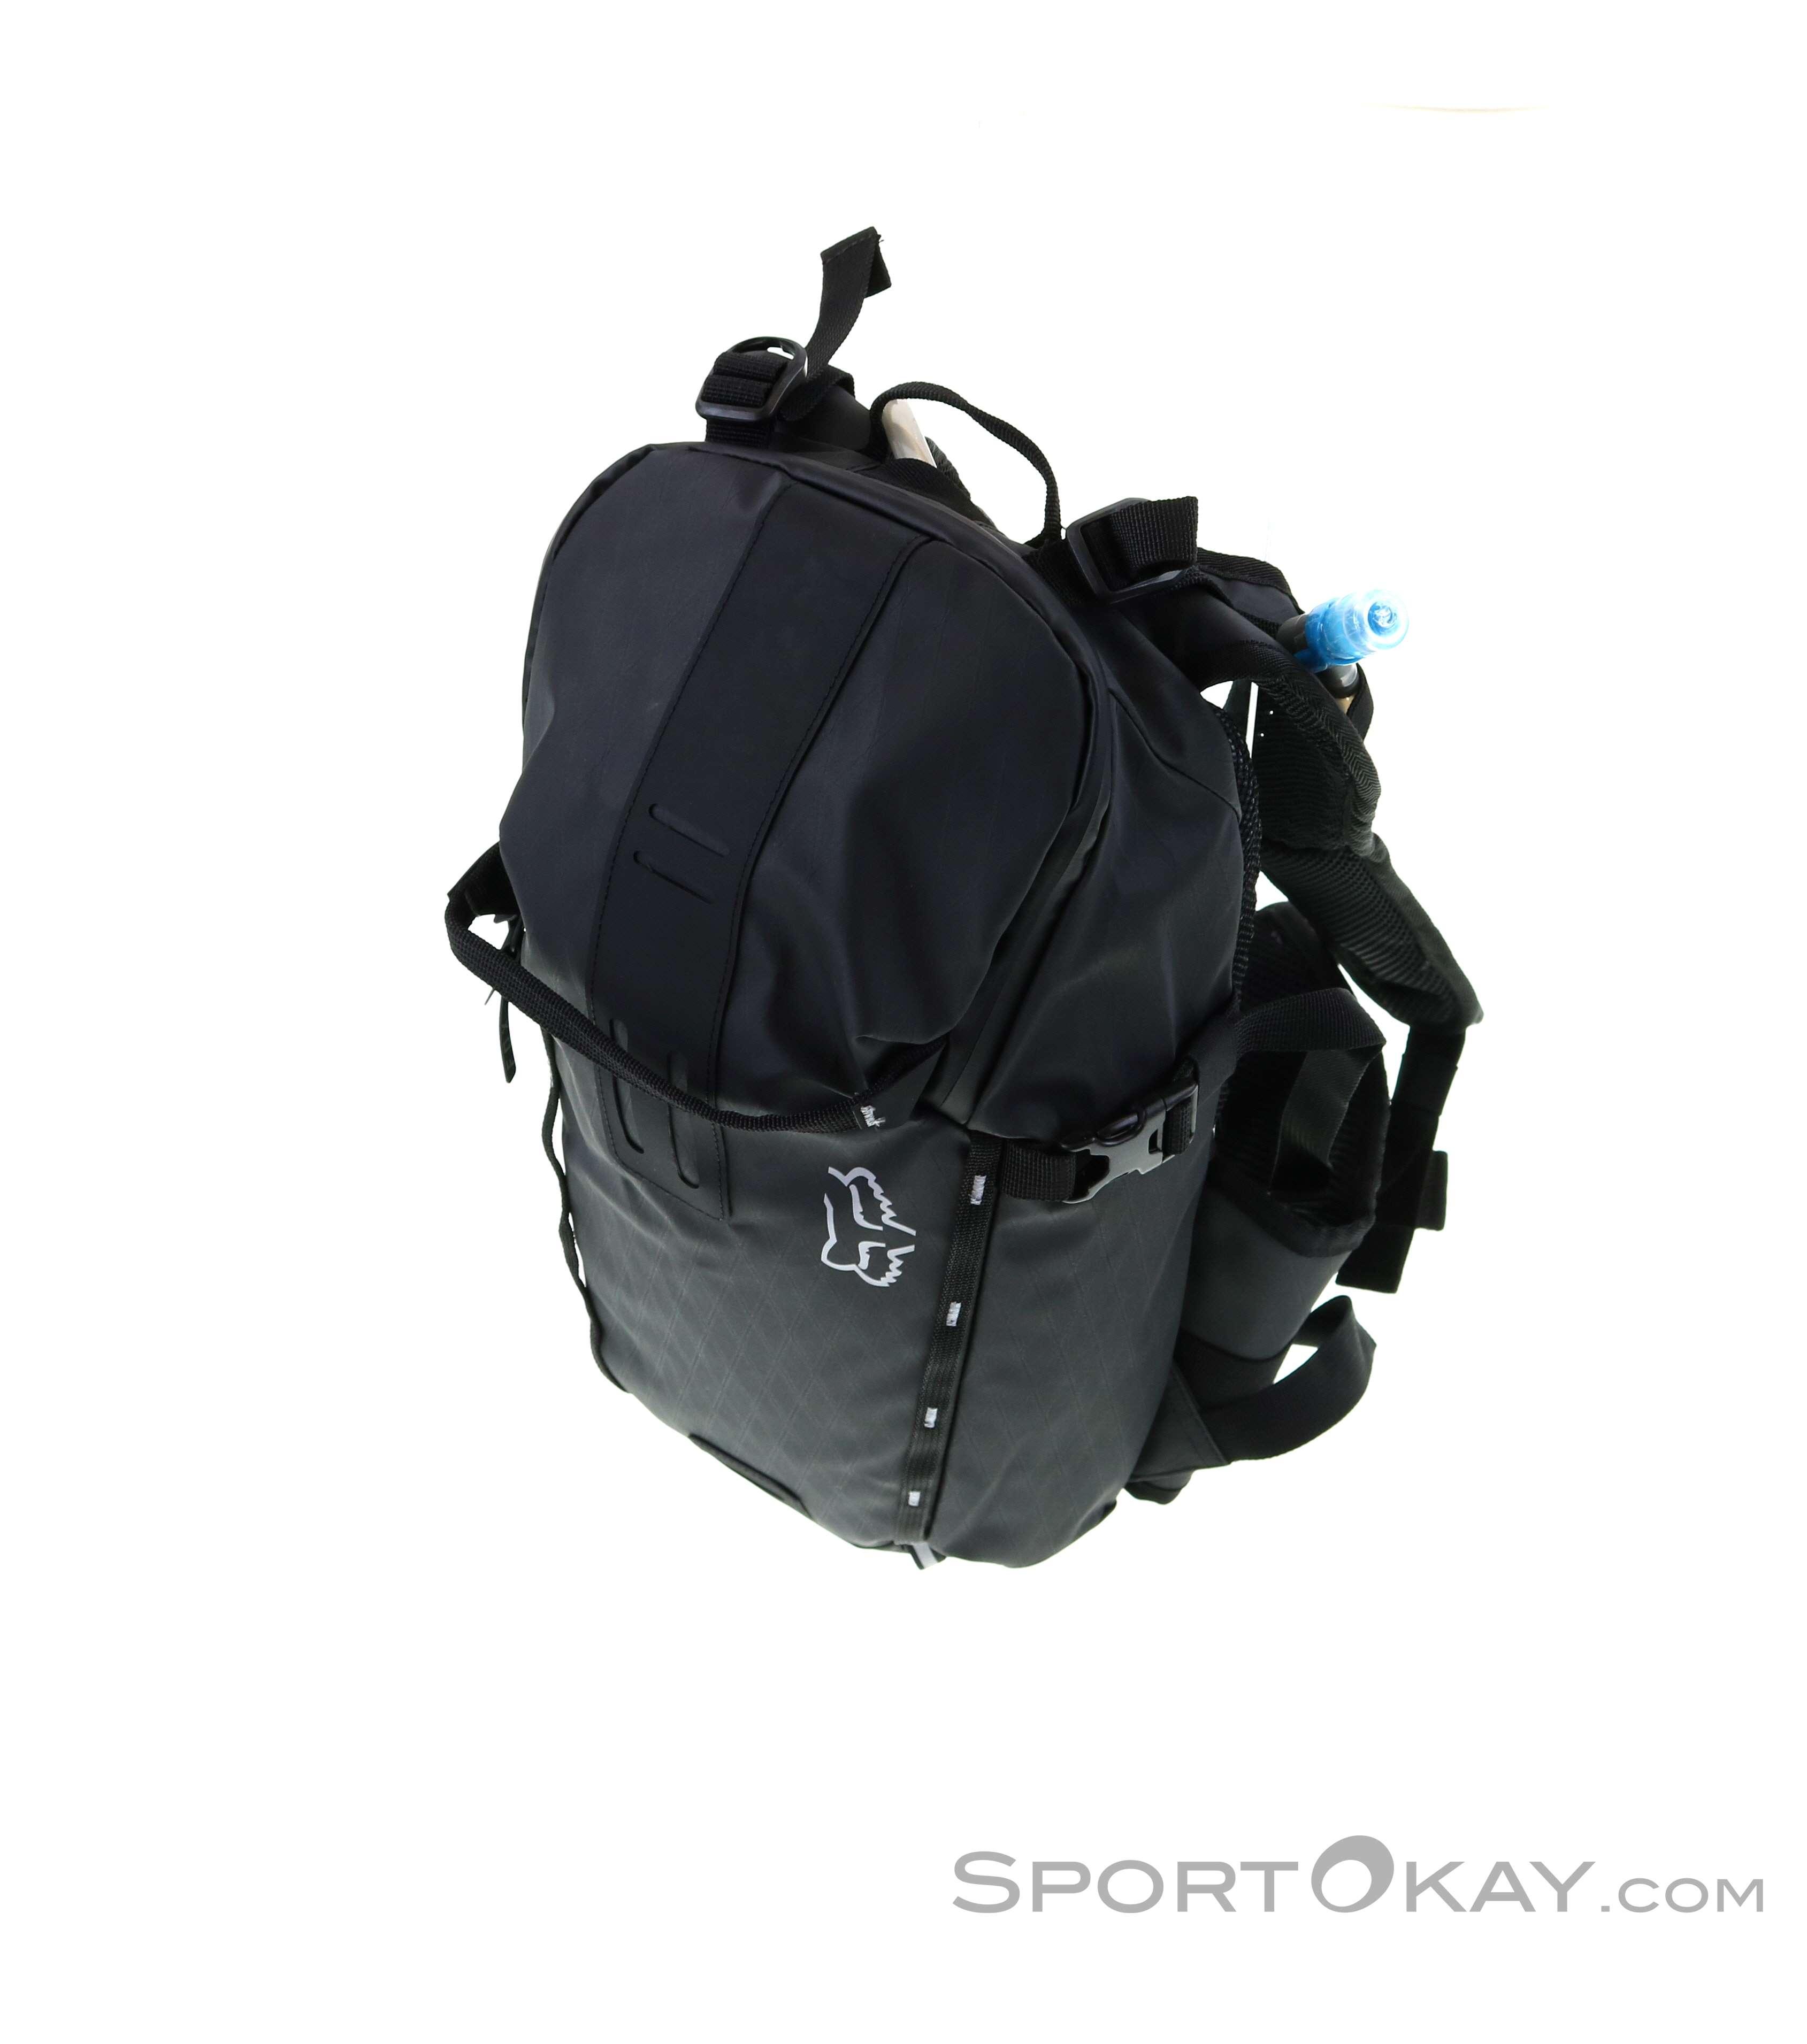 Fox Fox Utility Hydration Pack 11l Bikerucksack mit Trinksystem